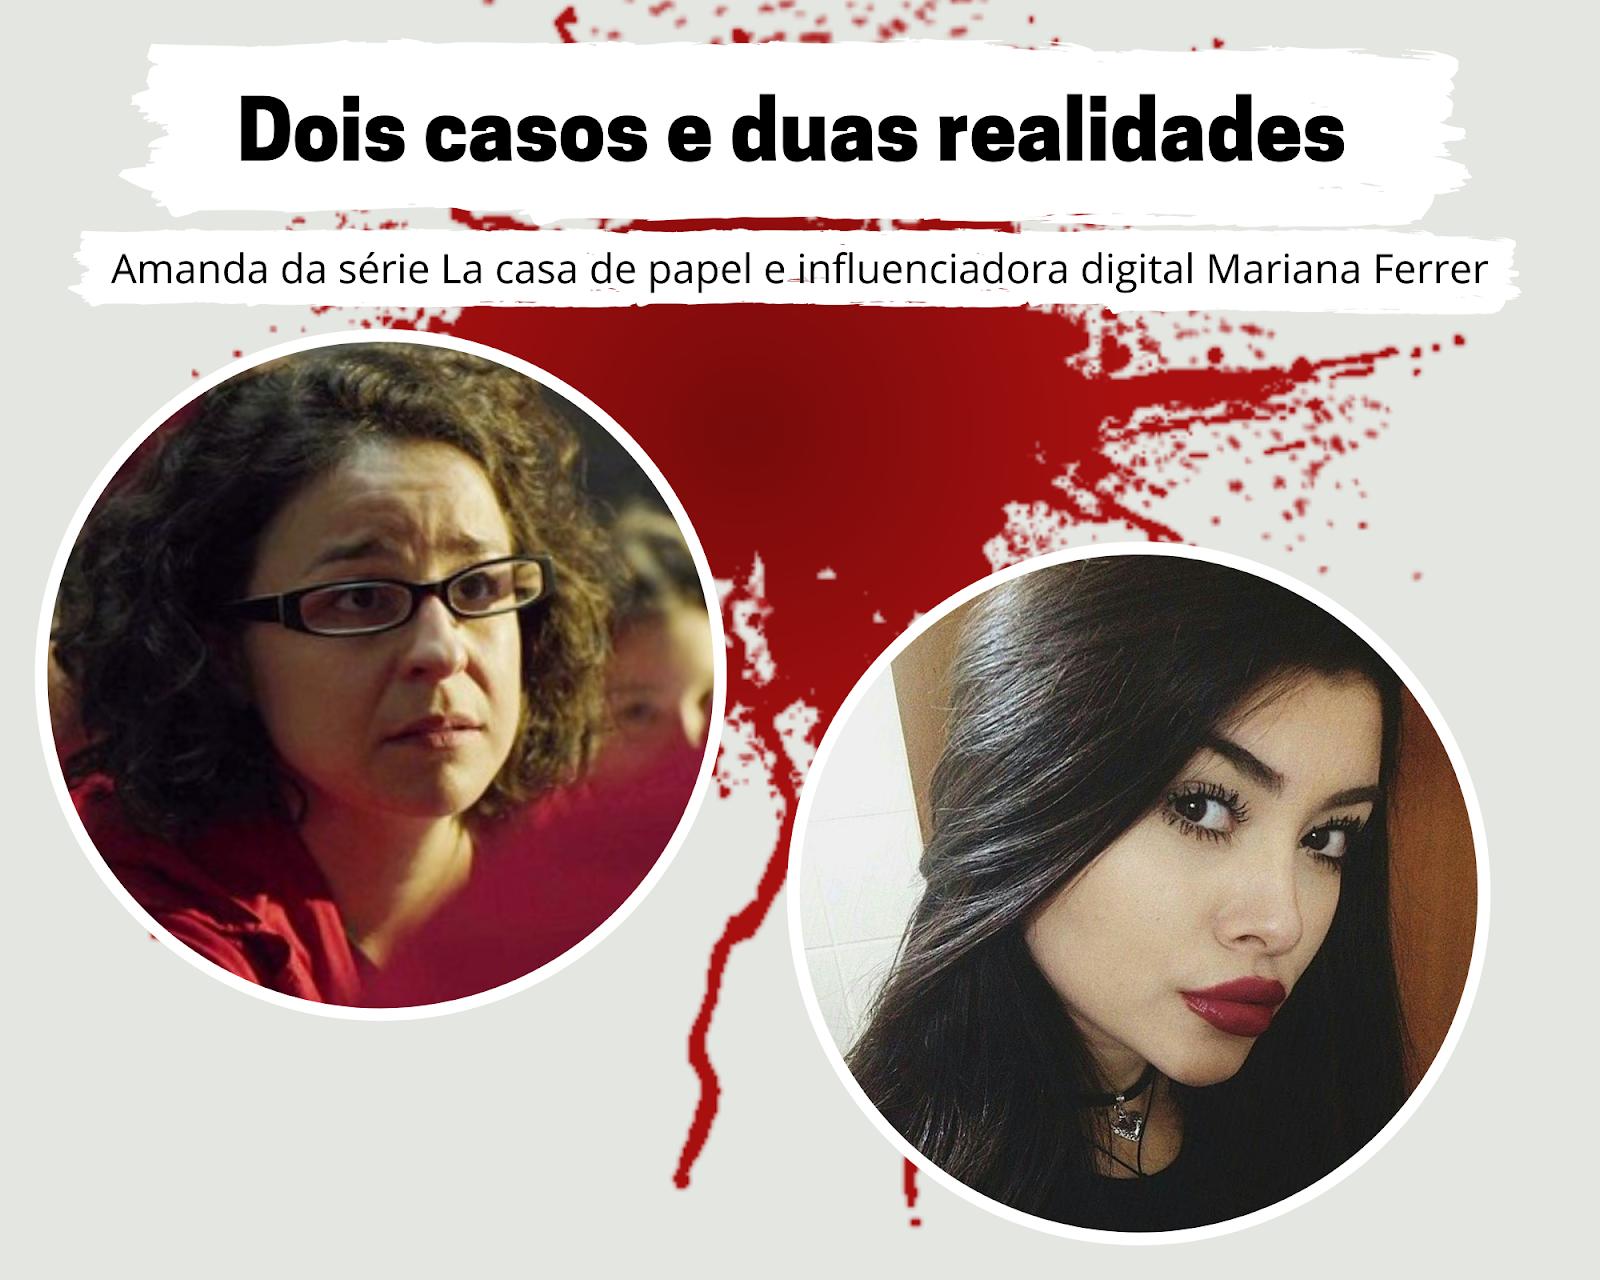 Amanda de La casa de papel e Mariana Ferrer